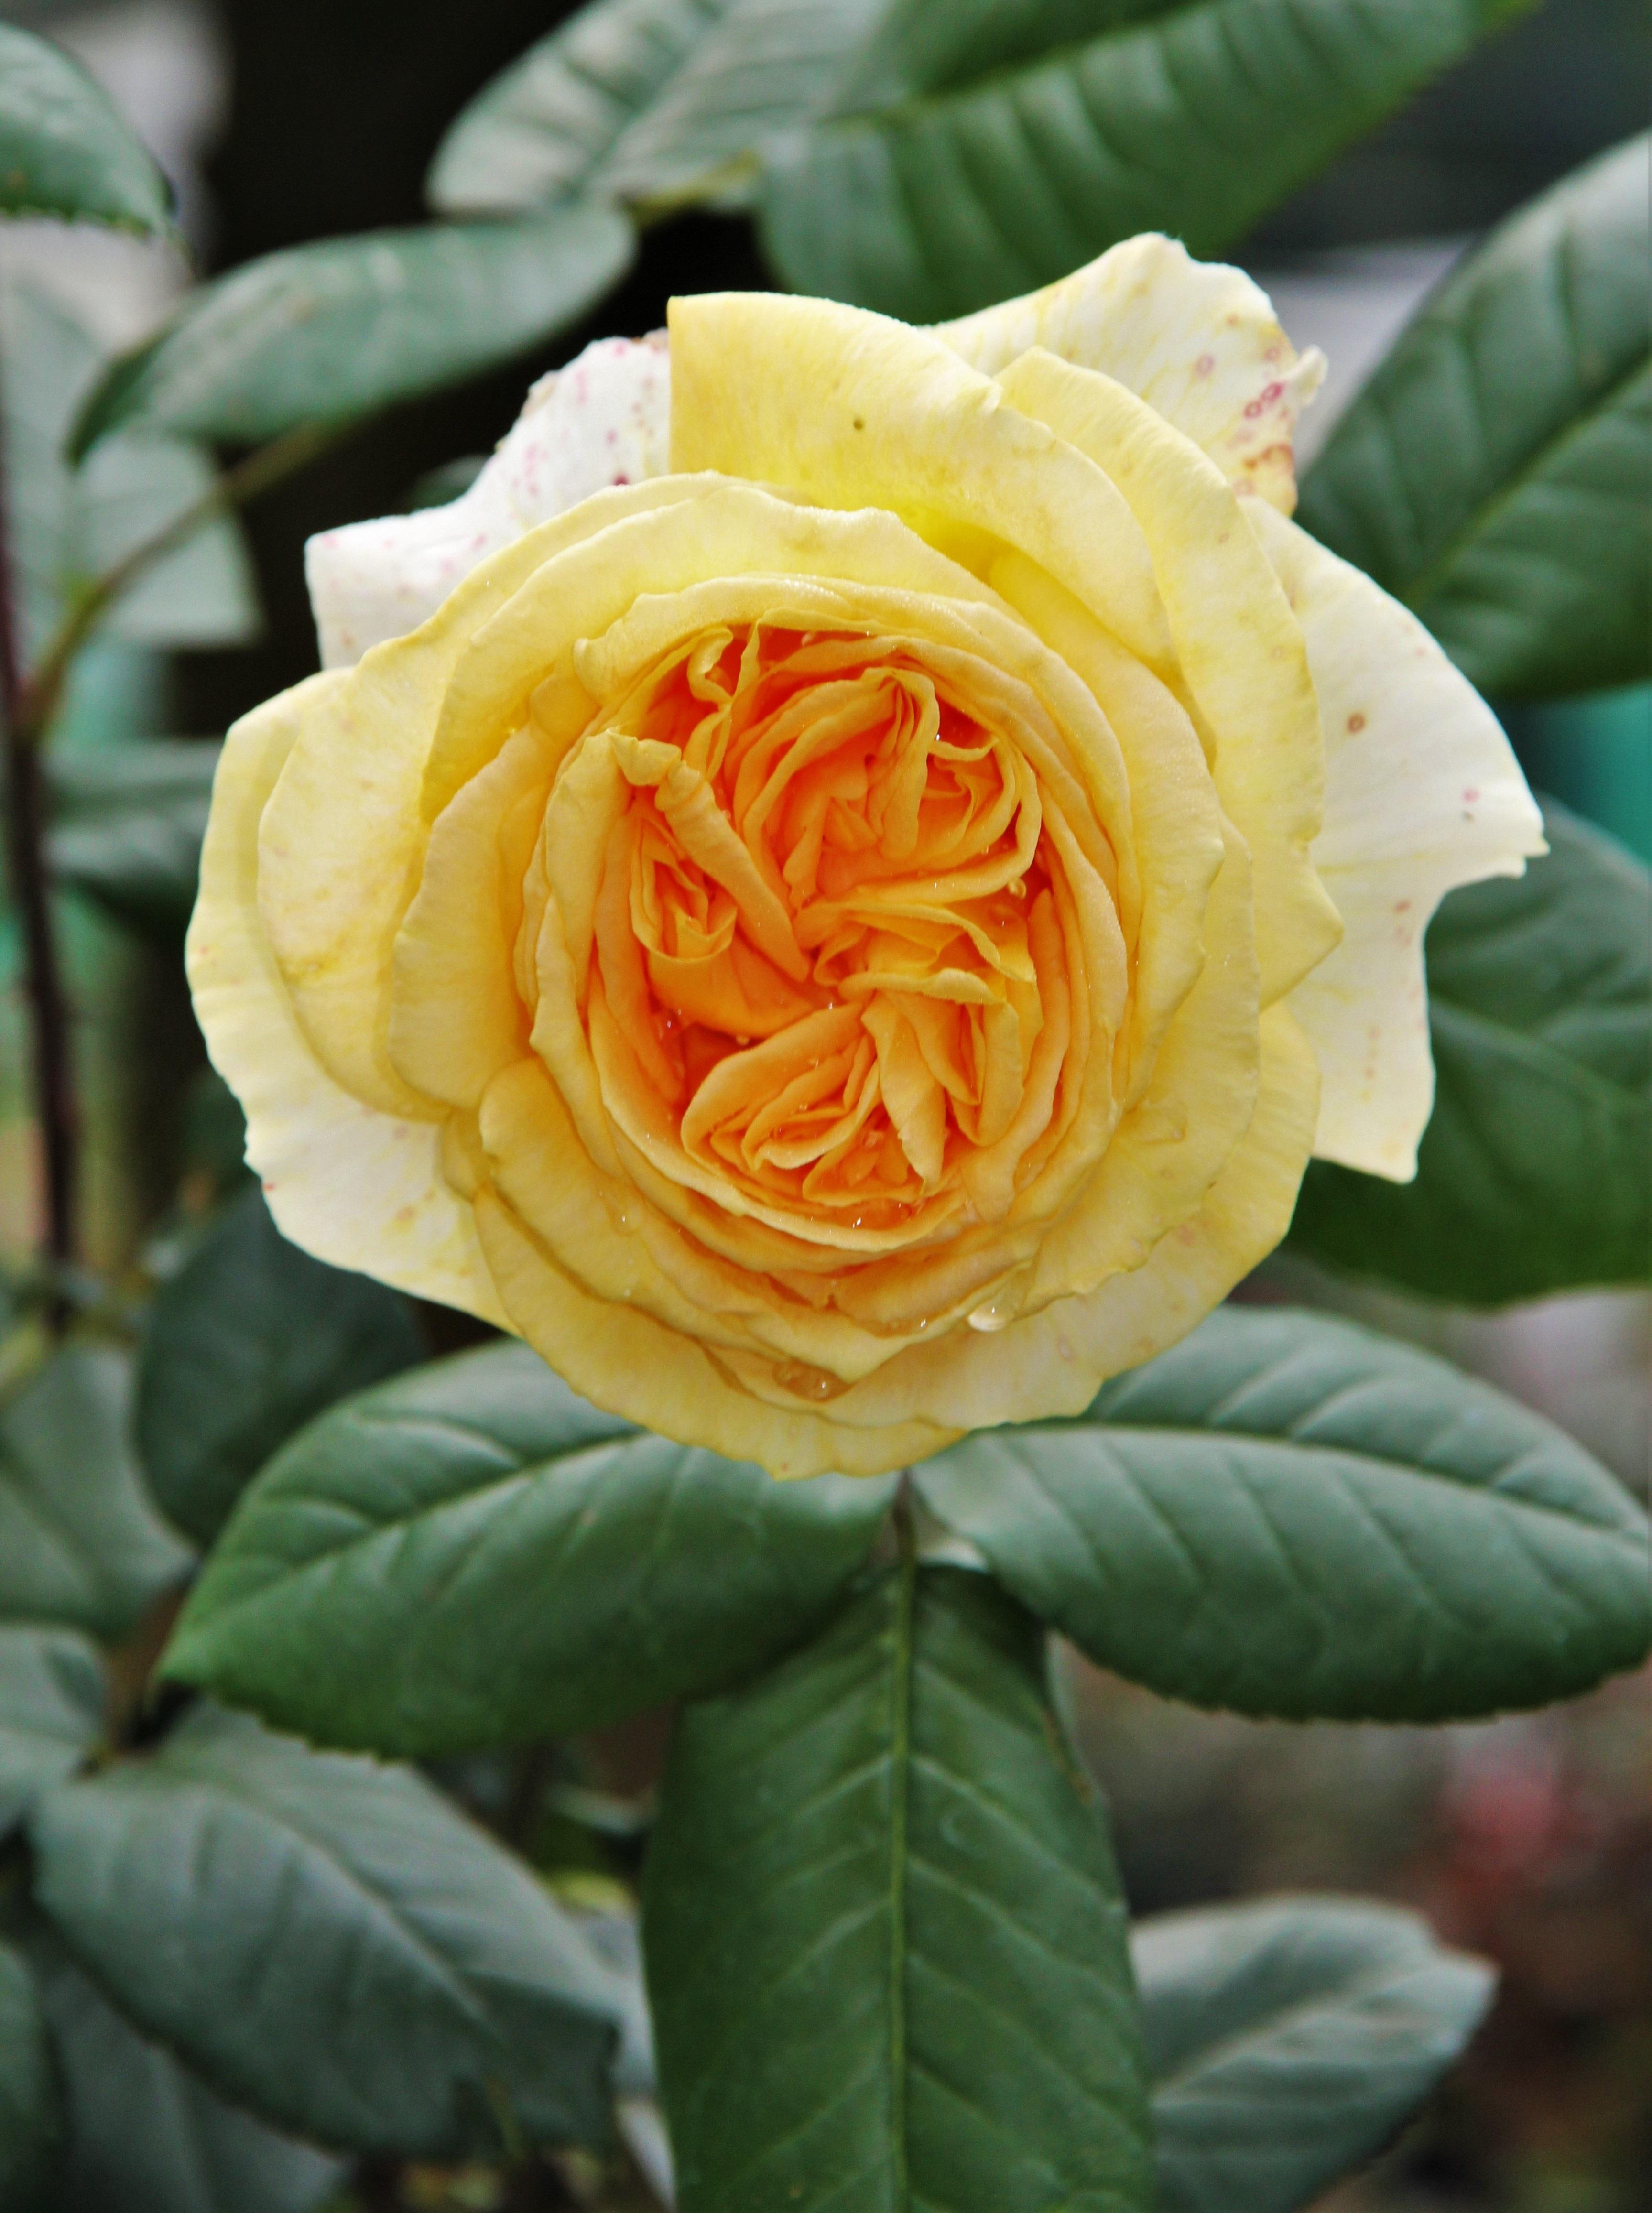 Free Images Blossom Flower Petal Summer Botany Close Flora